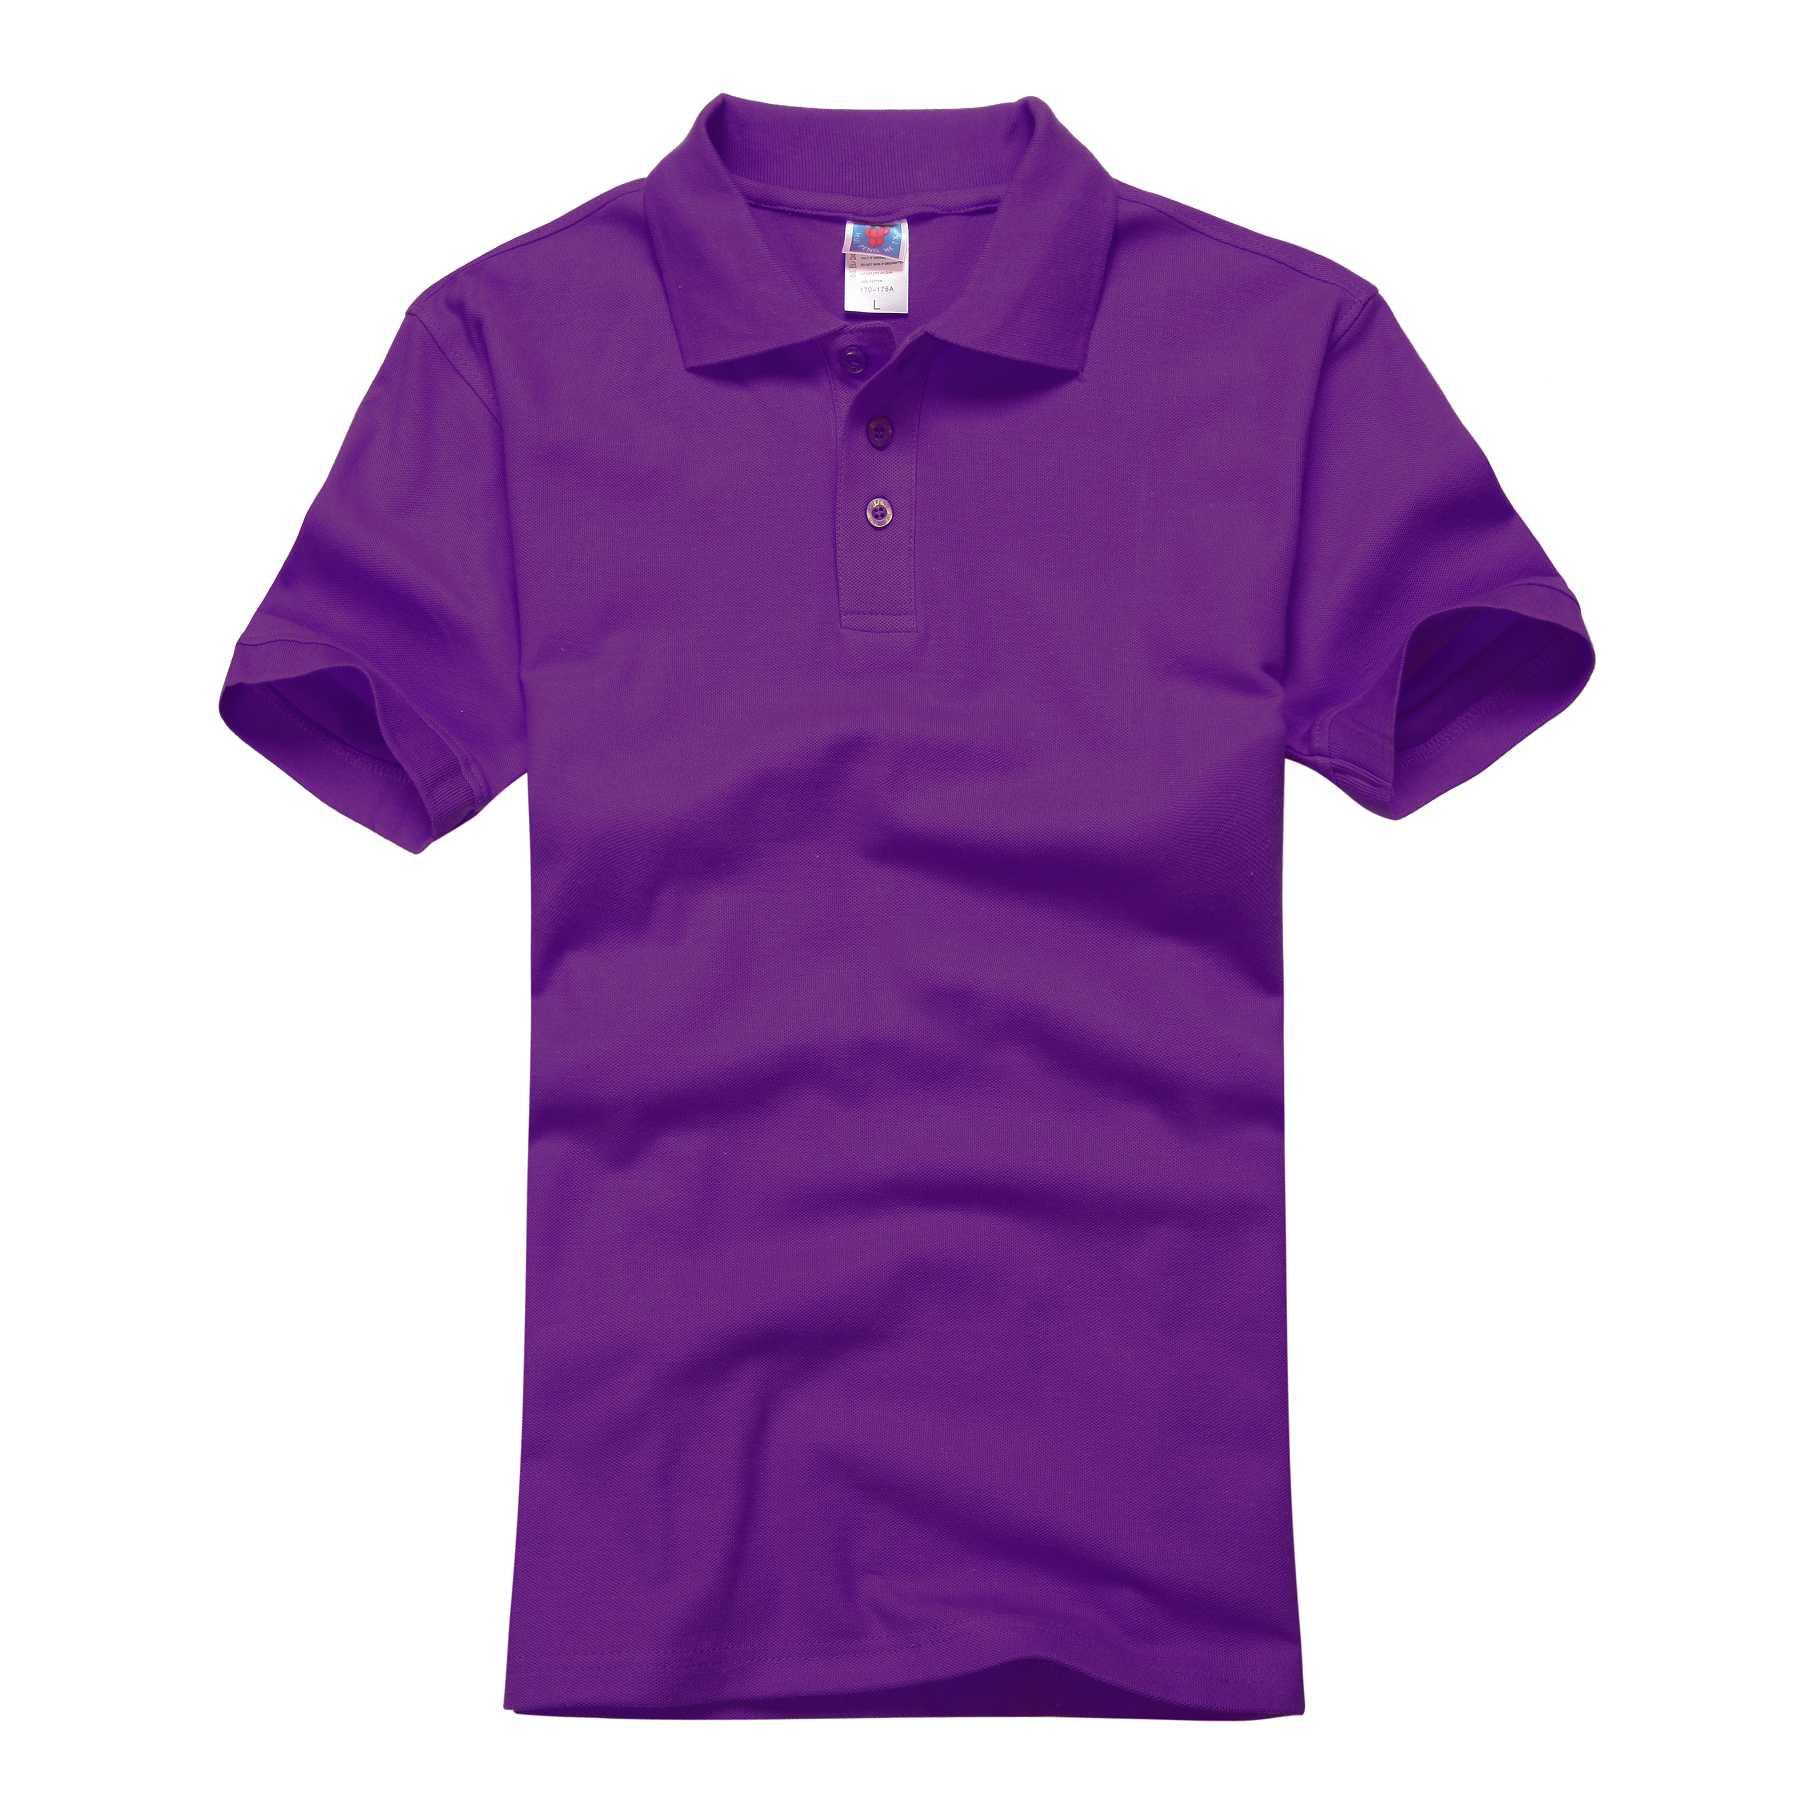 海珠区工作服,T恤衫袖口位置绣花定位